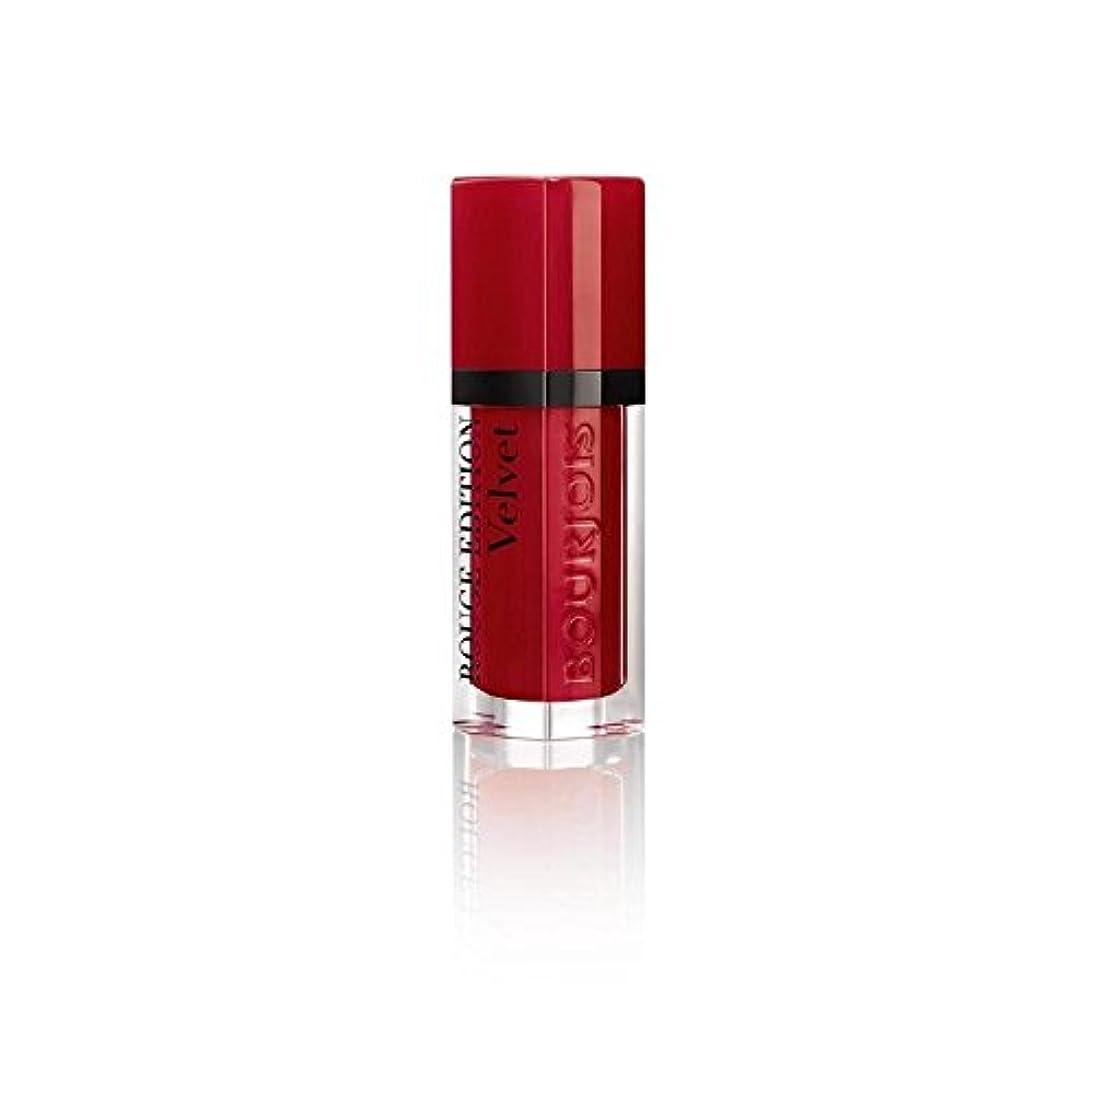 忘れっぽい流出あるルージュ版のベルベットの口紅、赤い旋回運動の8ミリリットル (Bourjois) - Bourjois Rouge Edition Velvet Lipstick, Red Volution 8ml [並行輸入品]